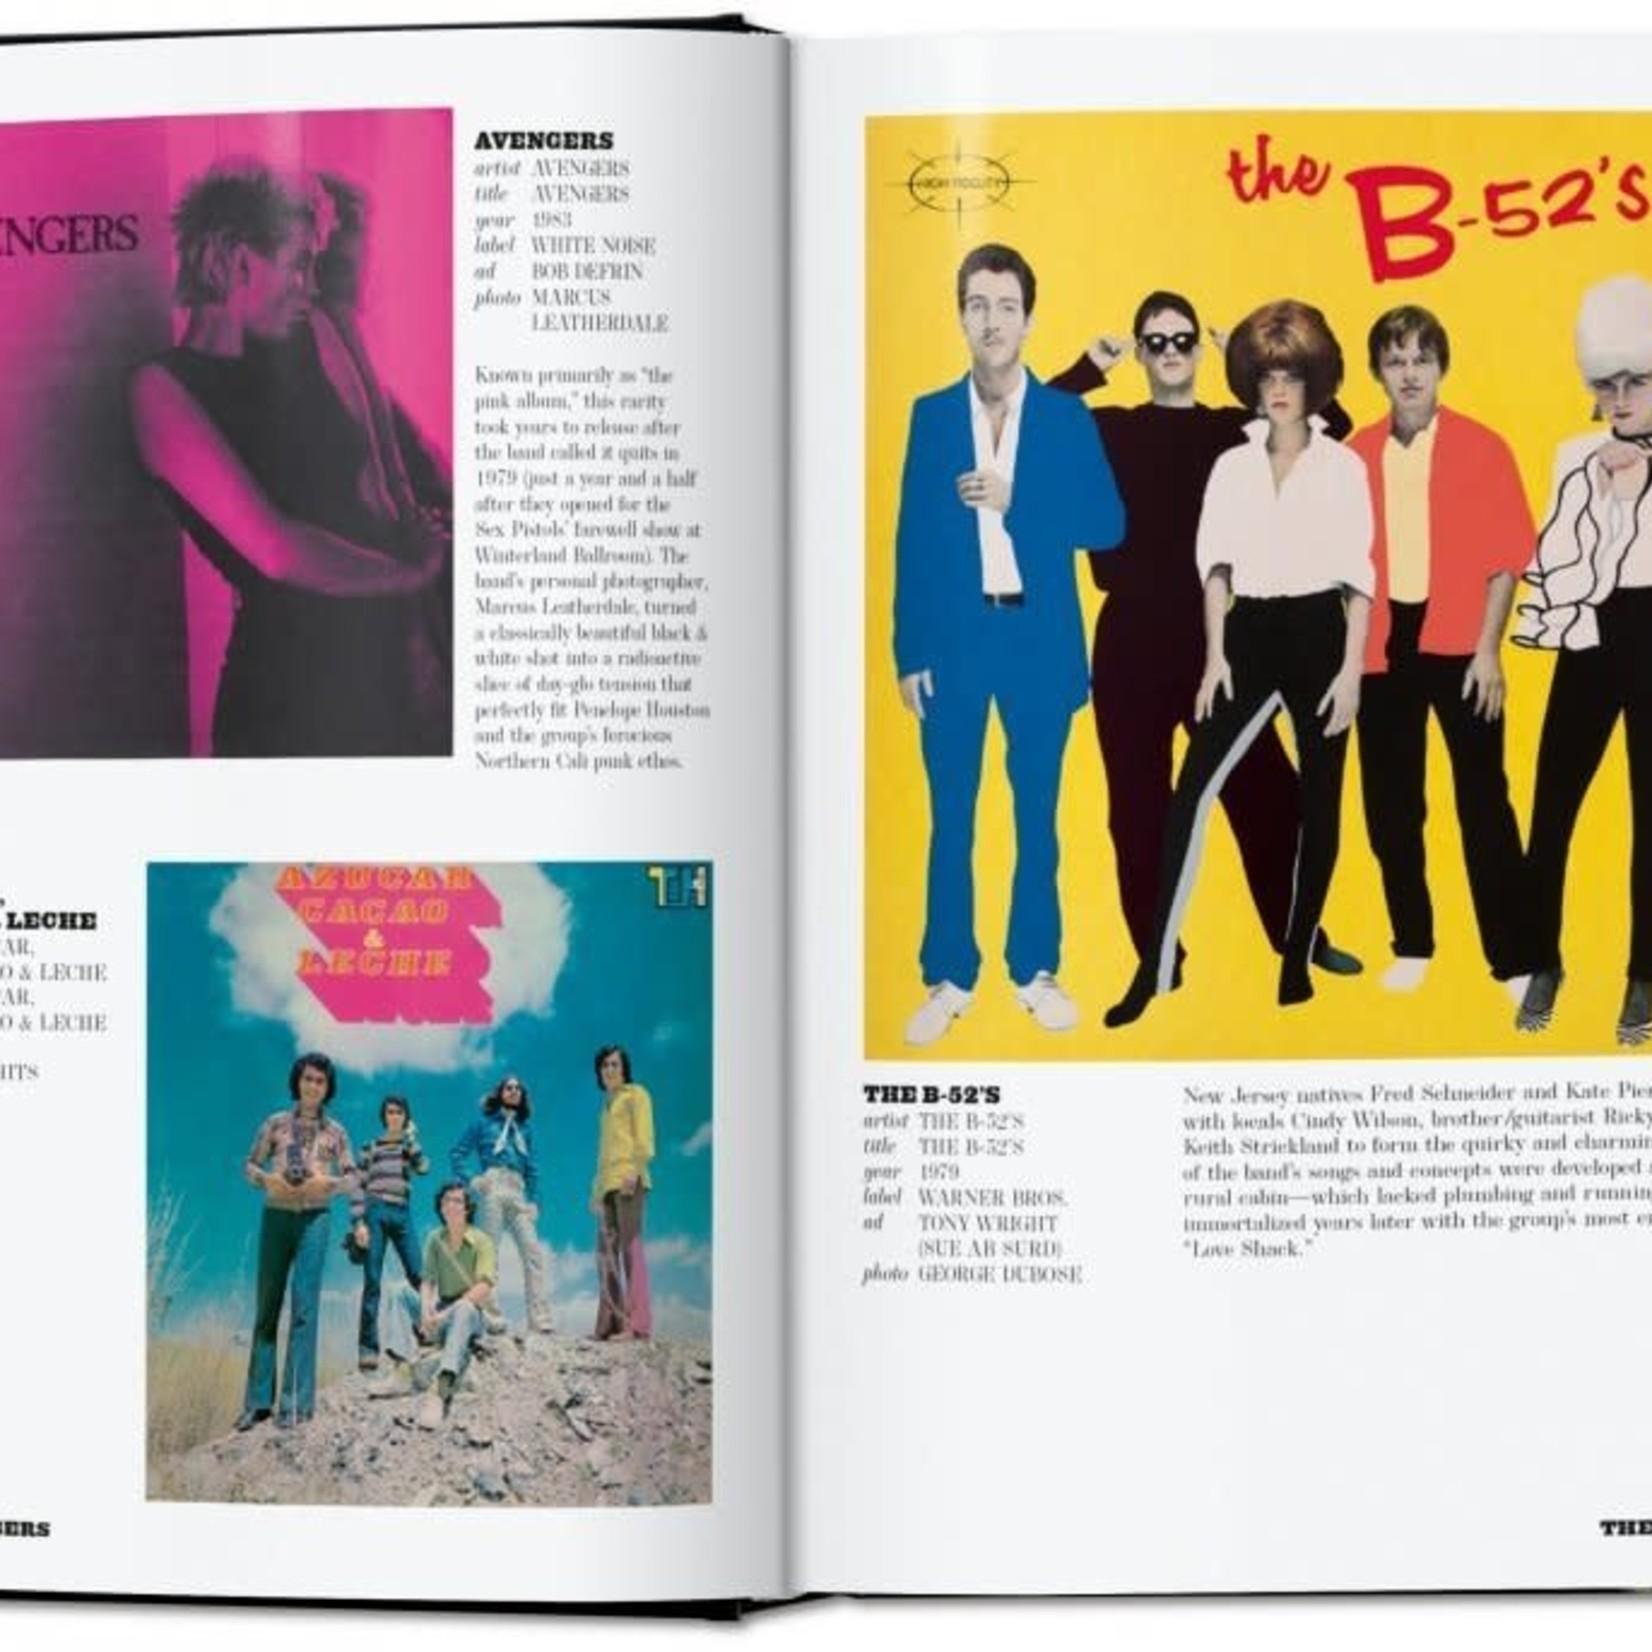 Taschen Taschen Rock Covers. 40th Ed.